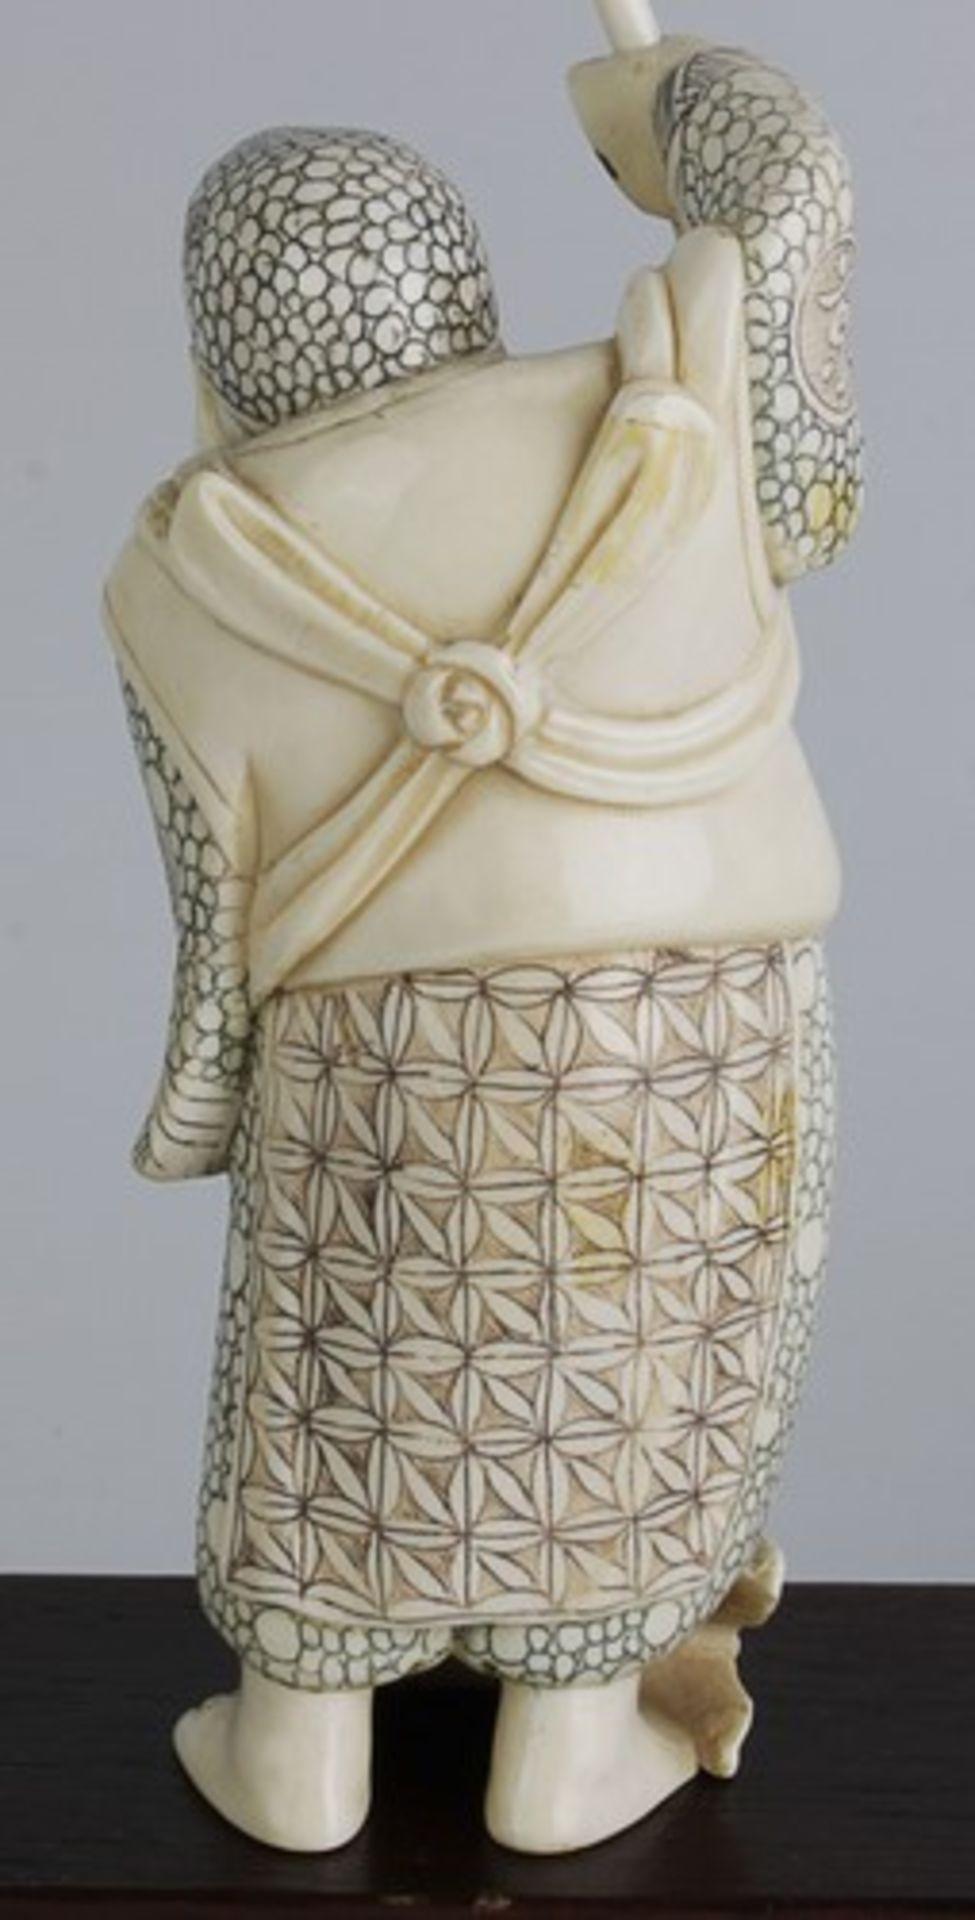 Figurengruppe - Chinaum 1920, 7x vollplastische Elfenbein-Schnitzereien, partiell geschwärzt, - Bild 12 aus 24